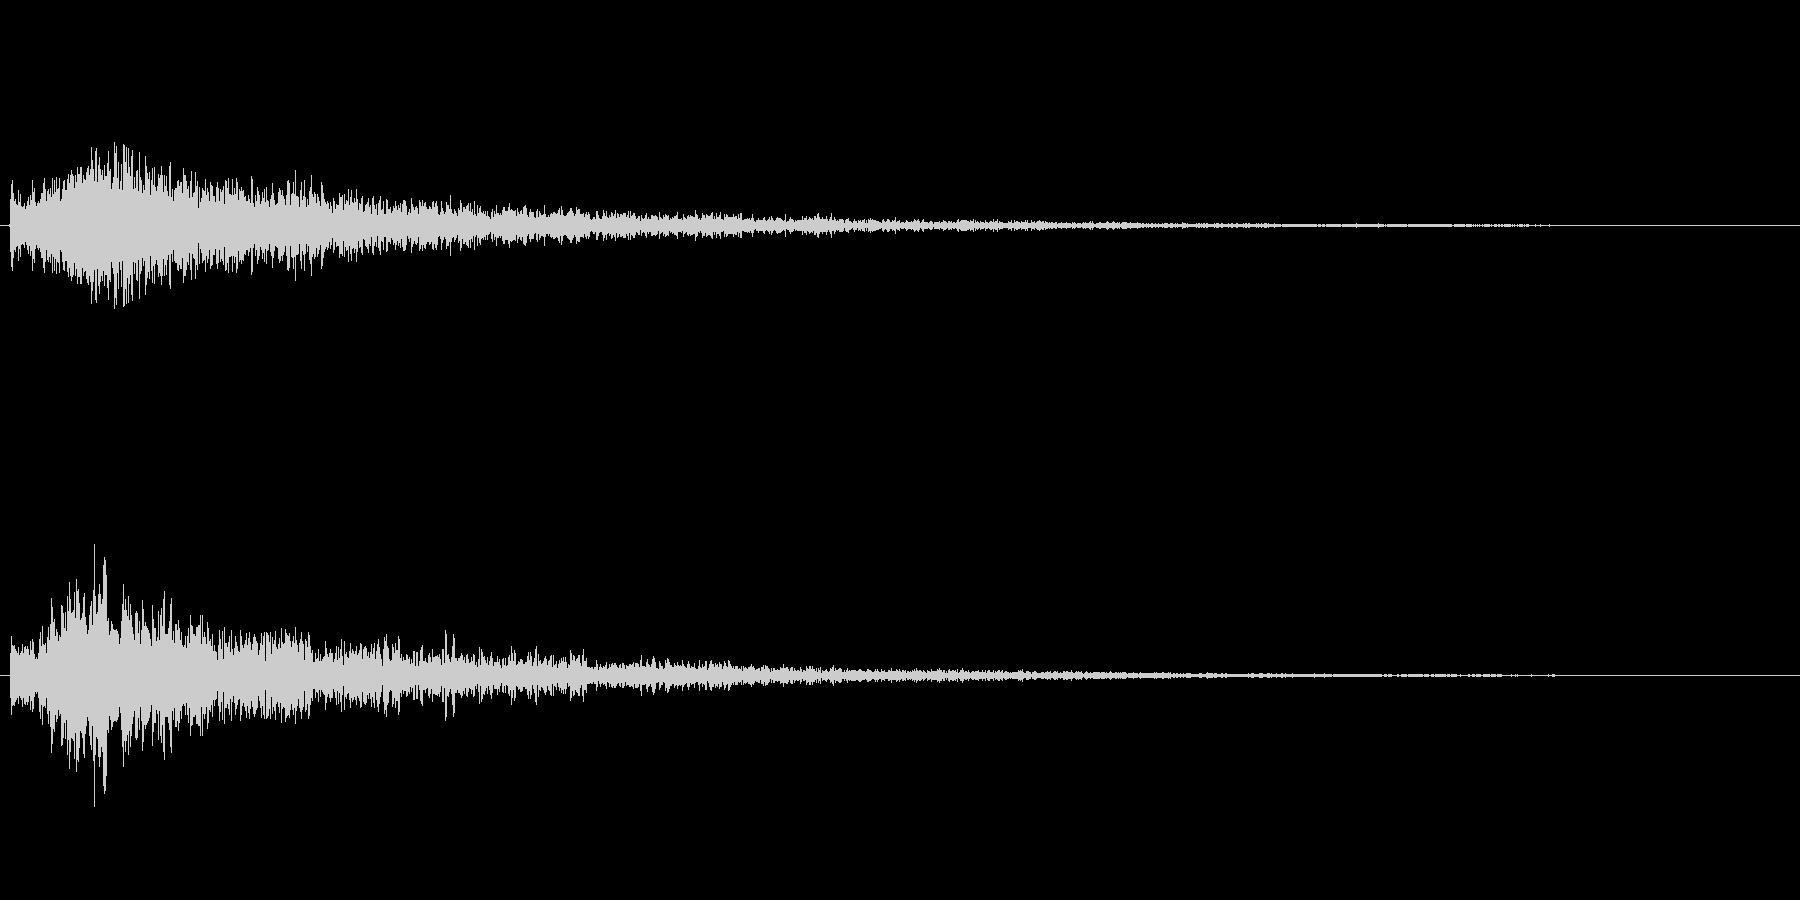 「サスペンス的な衝撃音」の未再生の波形